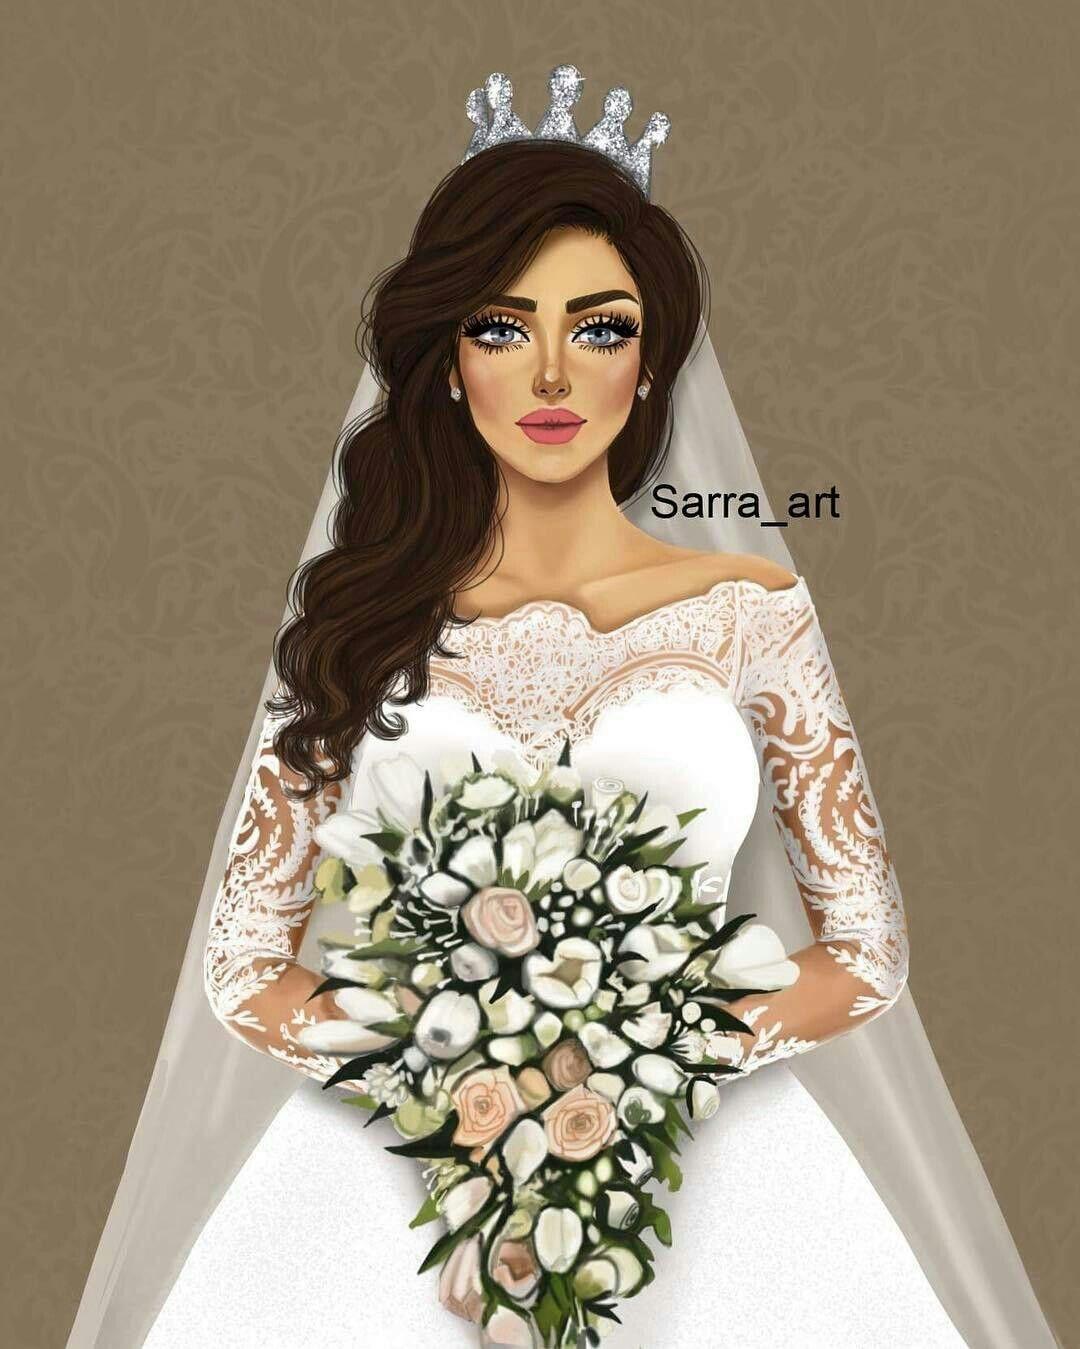 عروس للسرافط Sarra Art Girly Art Digital Art Girl